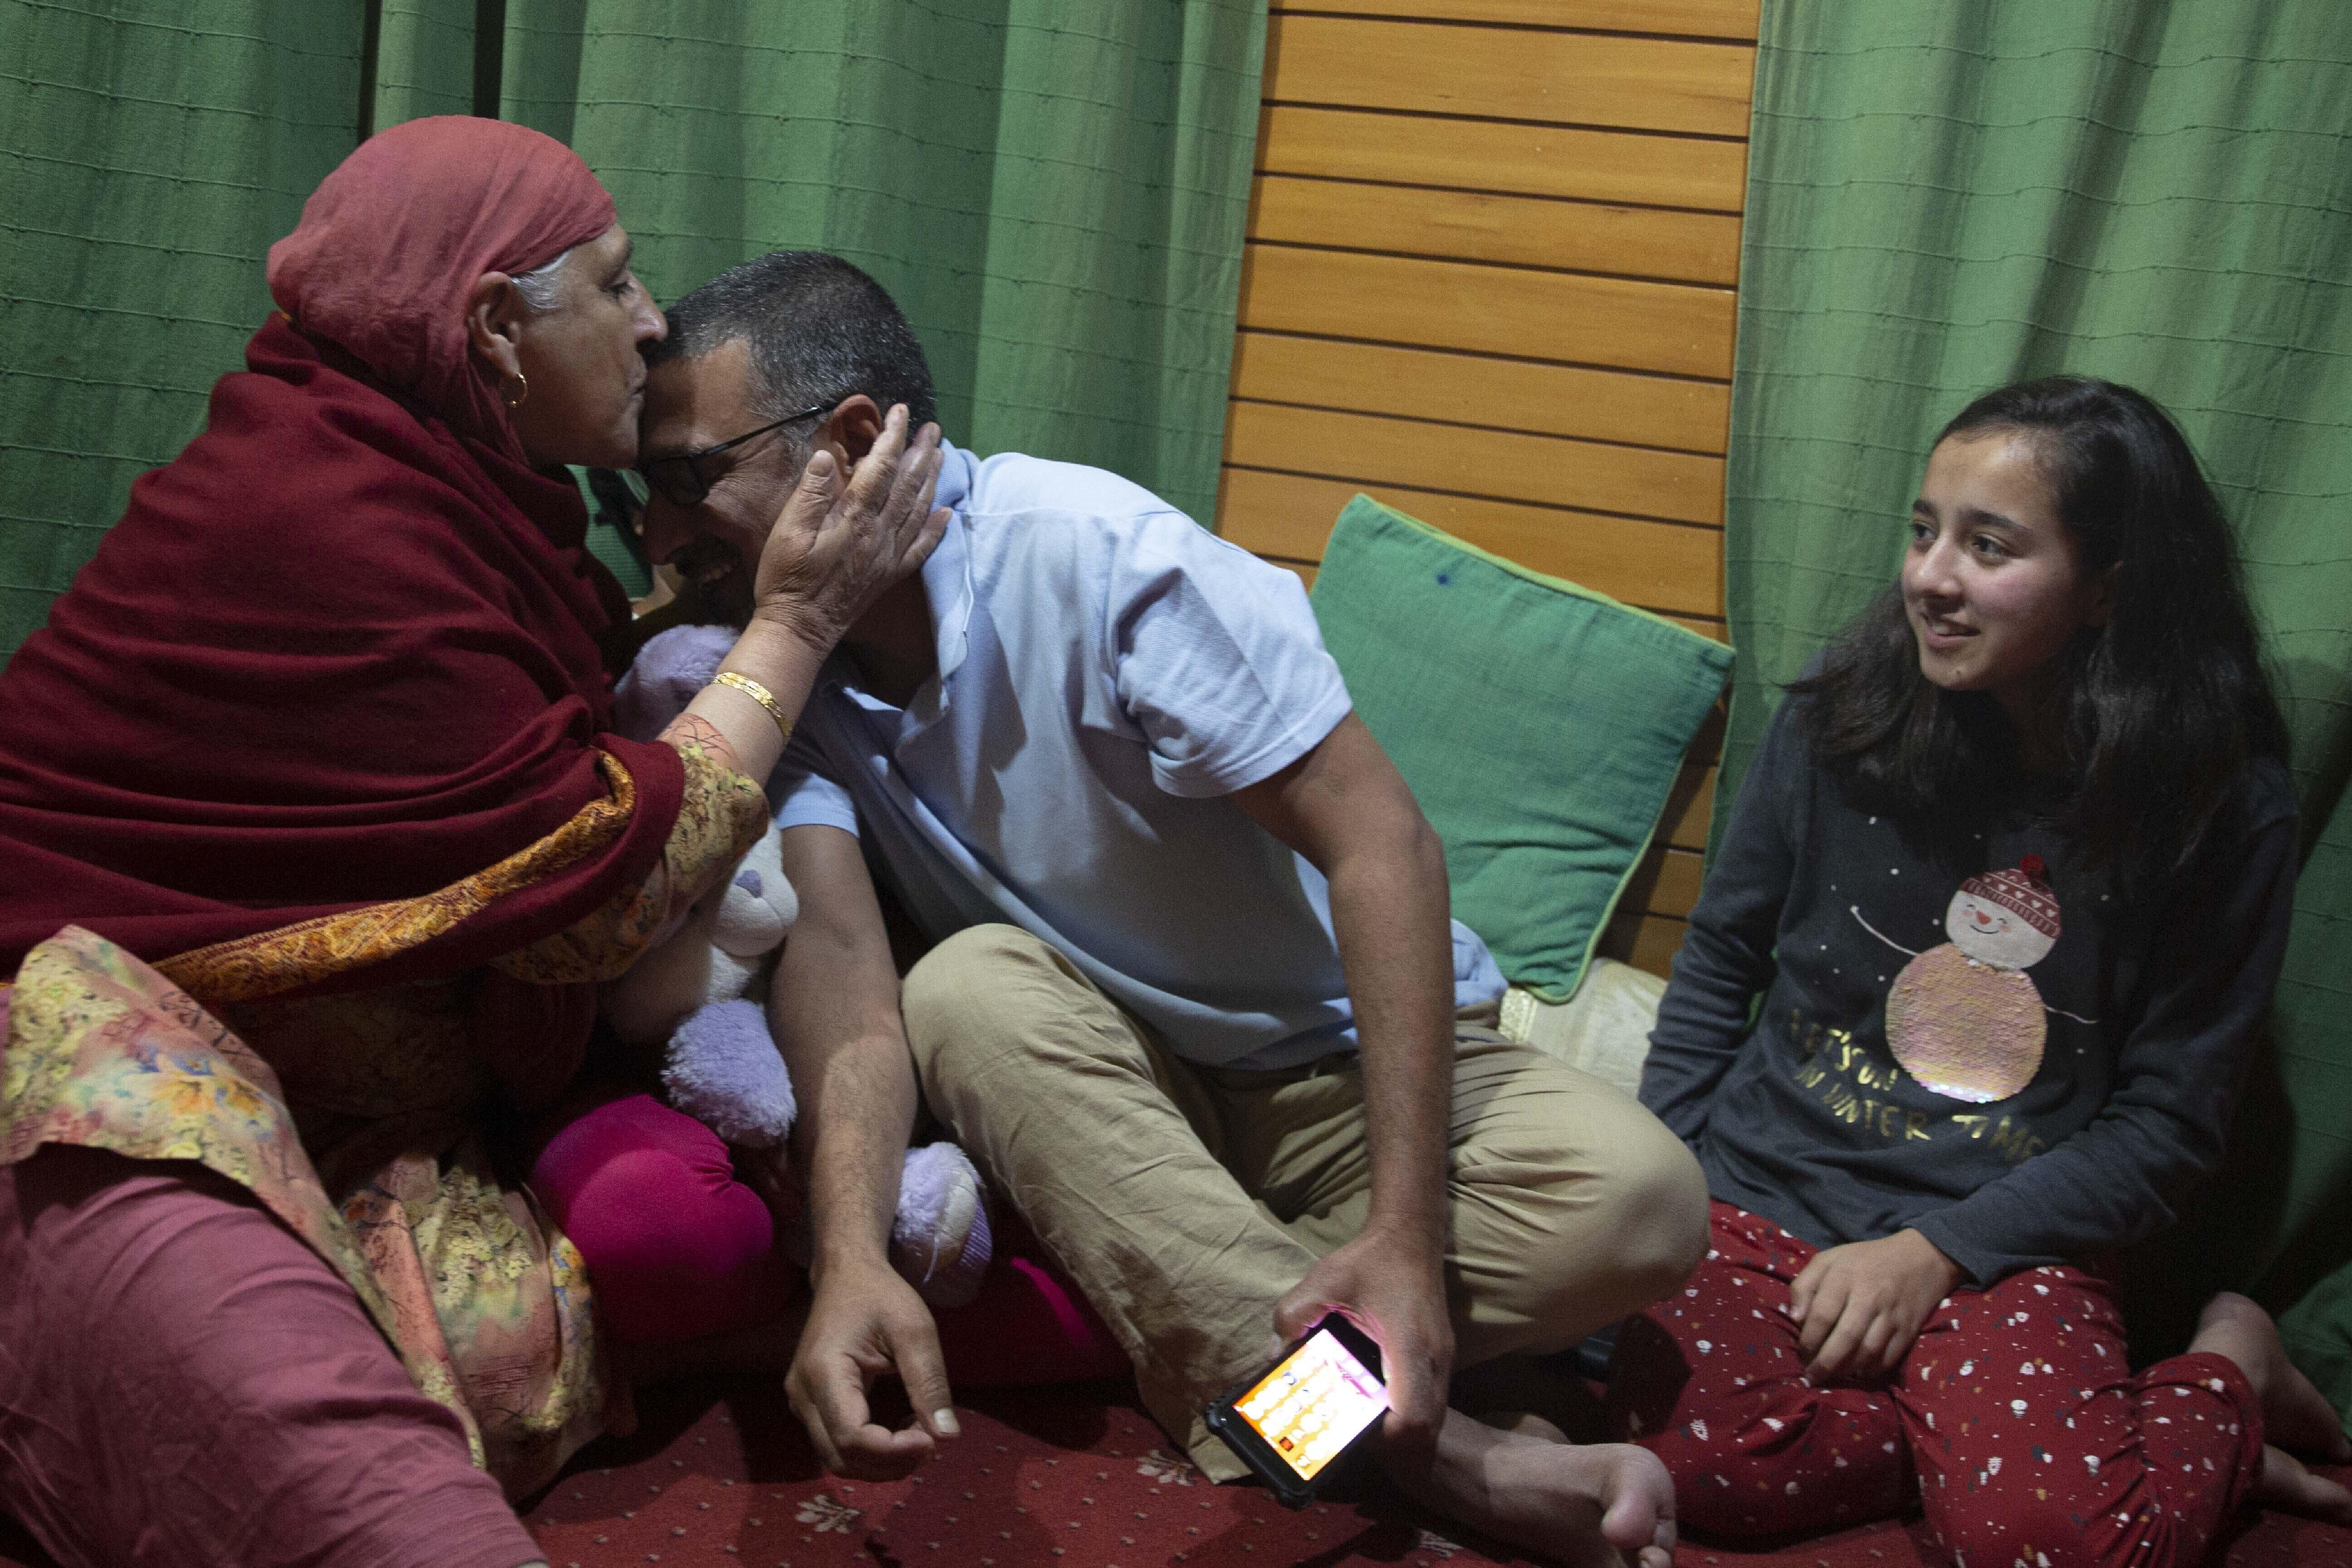 El fotógrafo de Associated Press, Dar Yasin, celebra con su familia en su casa en Srinagar, Cachemira controlada por la India, el martes 5 de mayo de 2020, tras el anuncio de que fue uno de los tres fotógrafos de AP que ganaron el Premio Pulitzer en Fotografía de Largometraje por su cobertura del conflicto en Cachemira y en Jammu, India. (Foto AP / Rifat Yasin)